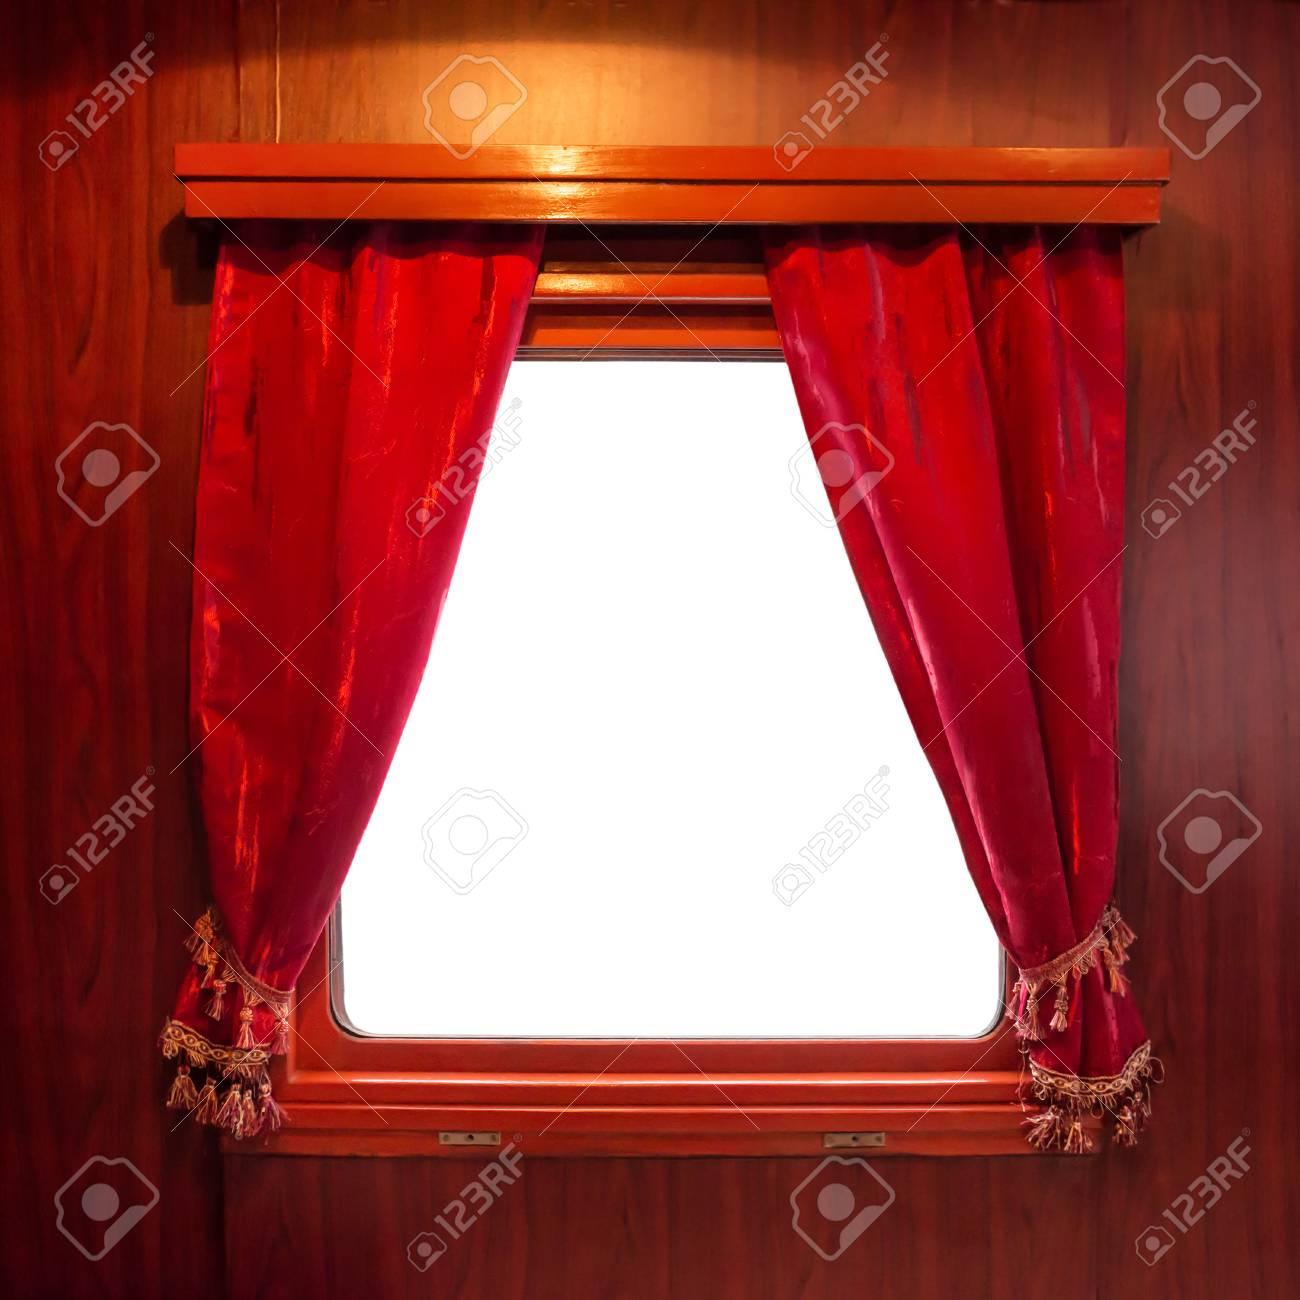 rode gordijnen op het raam gesoleerd op wit gordijnen van oude trein stockfoto 61073611